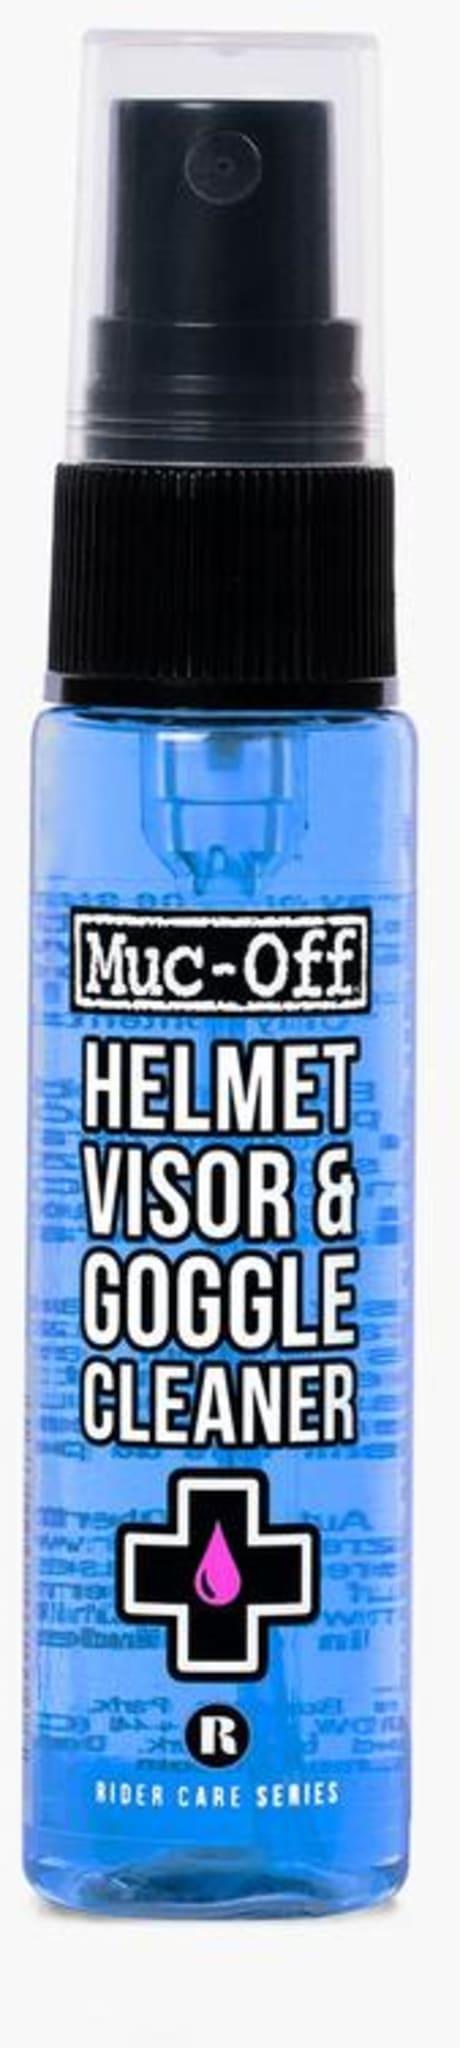 Fin og praktisk spray for enkel rengjøring, perfekt til skitne ski og sykkelbriller.